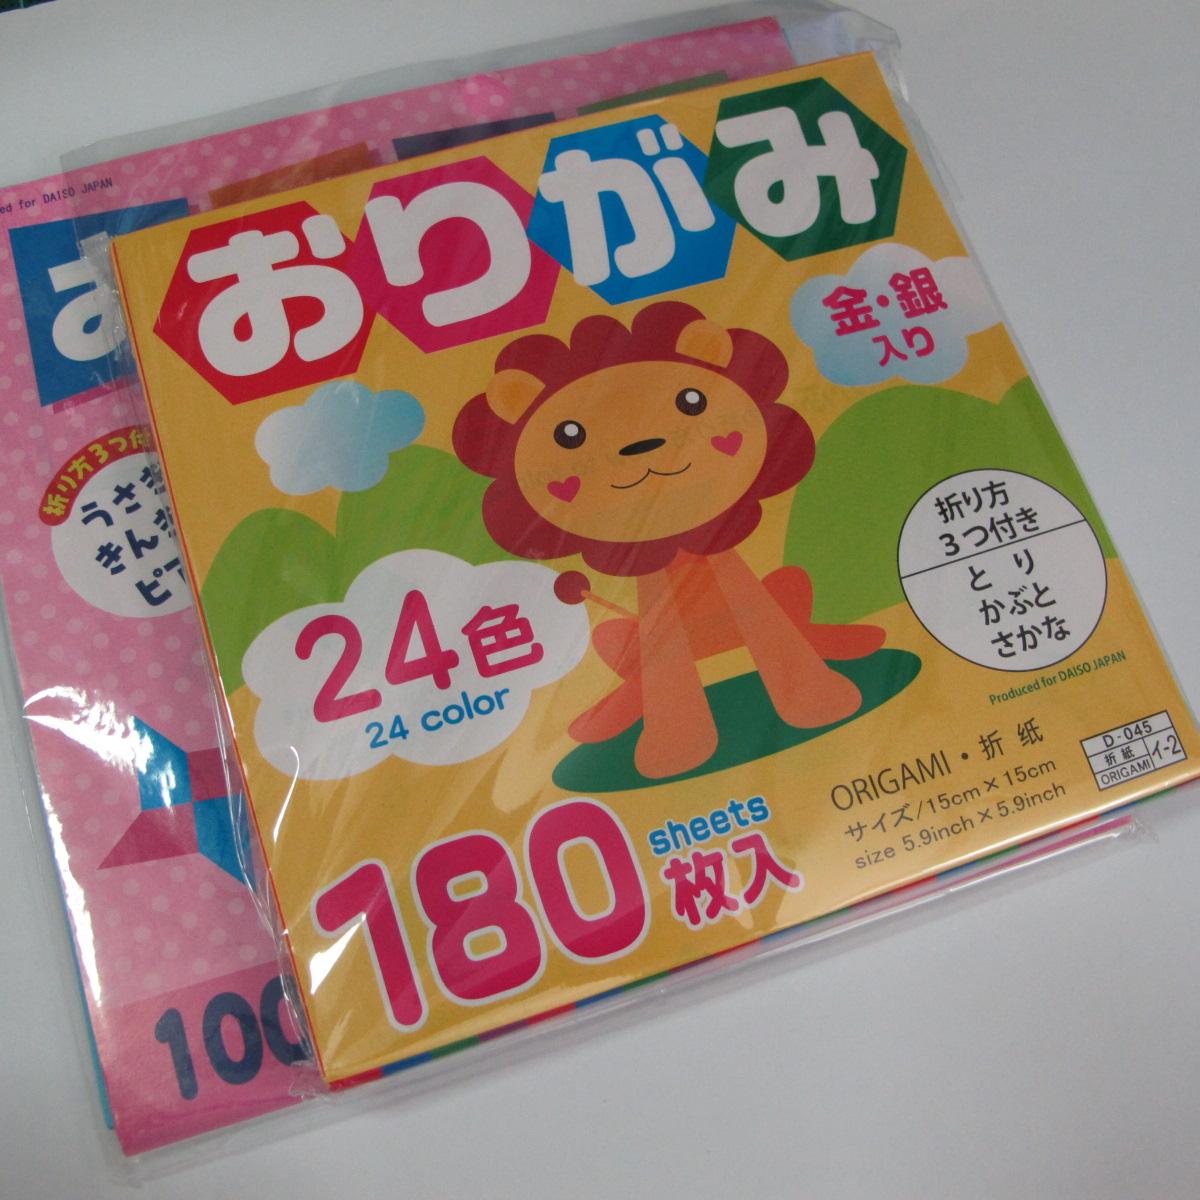 เลือกซื้อกระดาษสำหรับพับโอริงามิ (Origami paper) 003